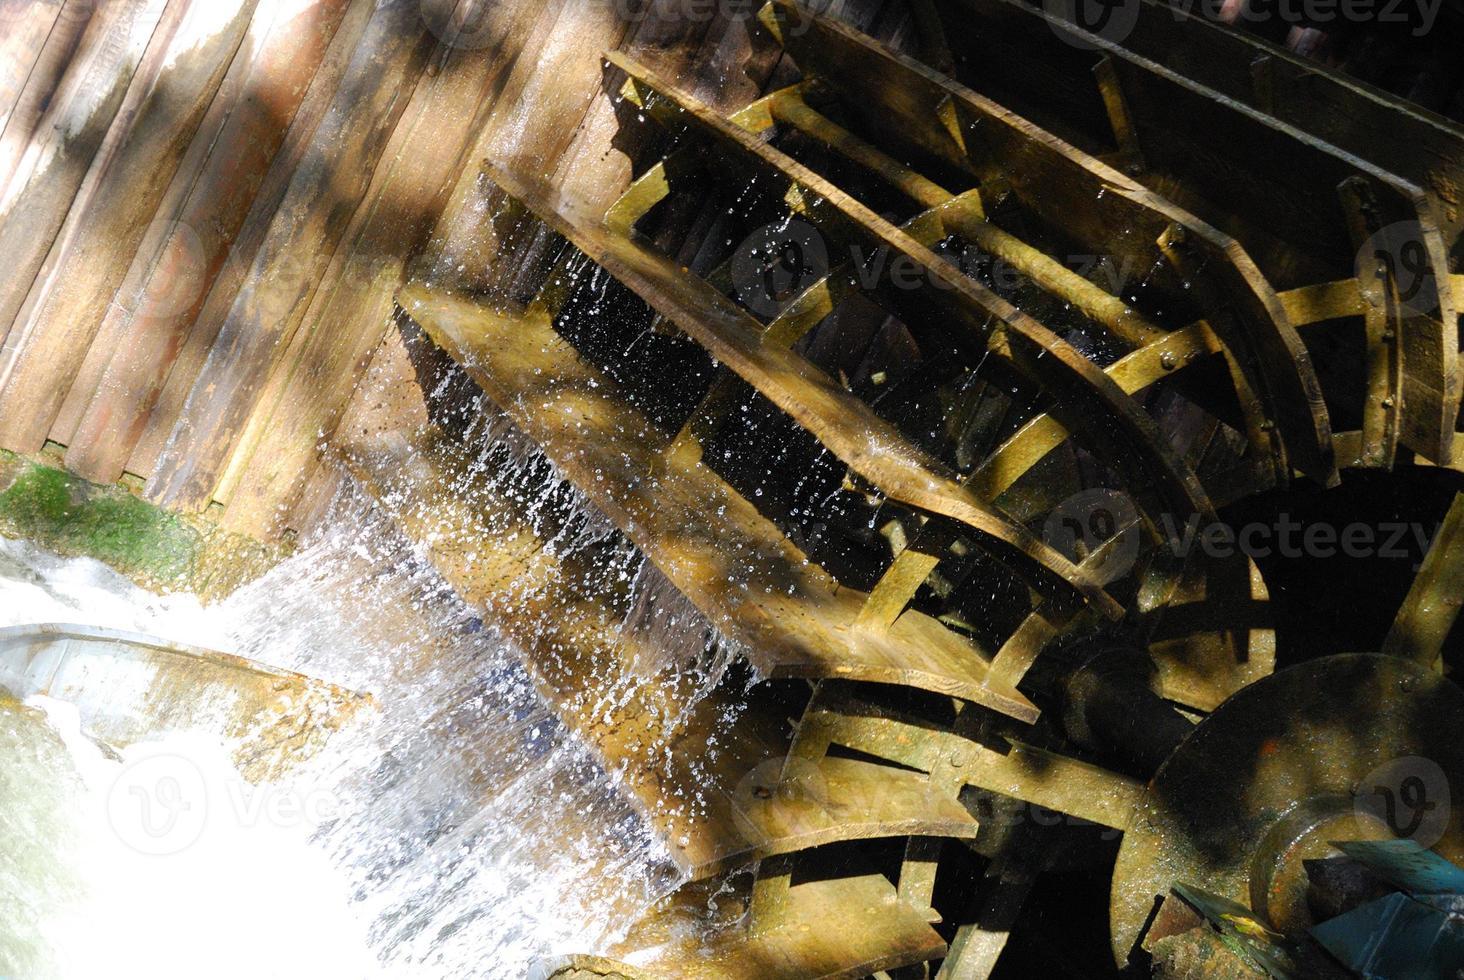 vista de close-up de moinho de água foto